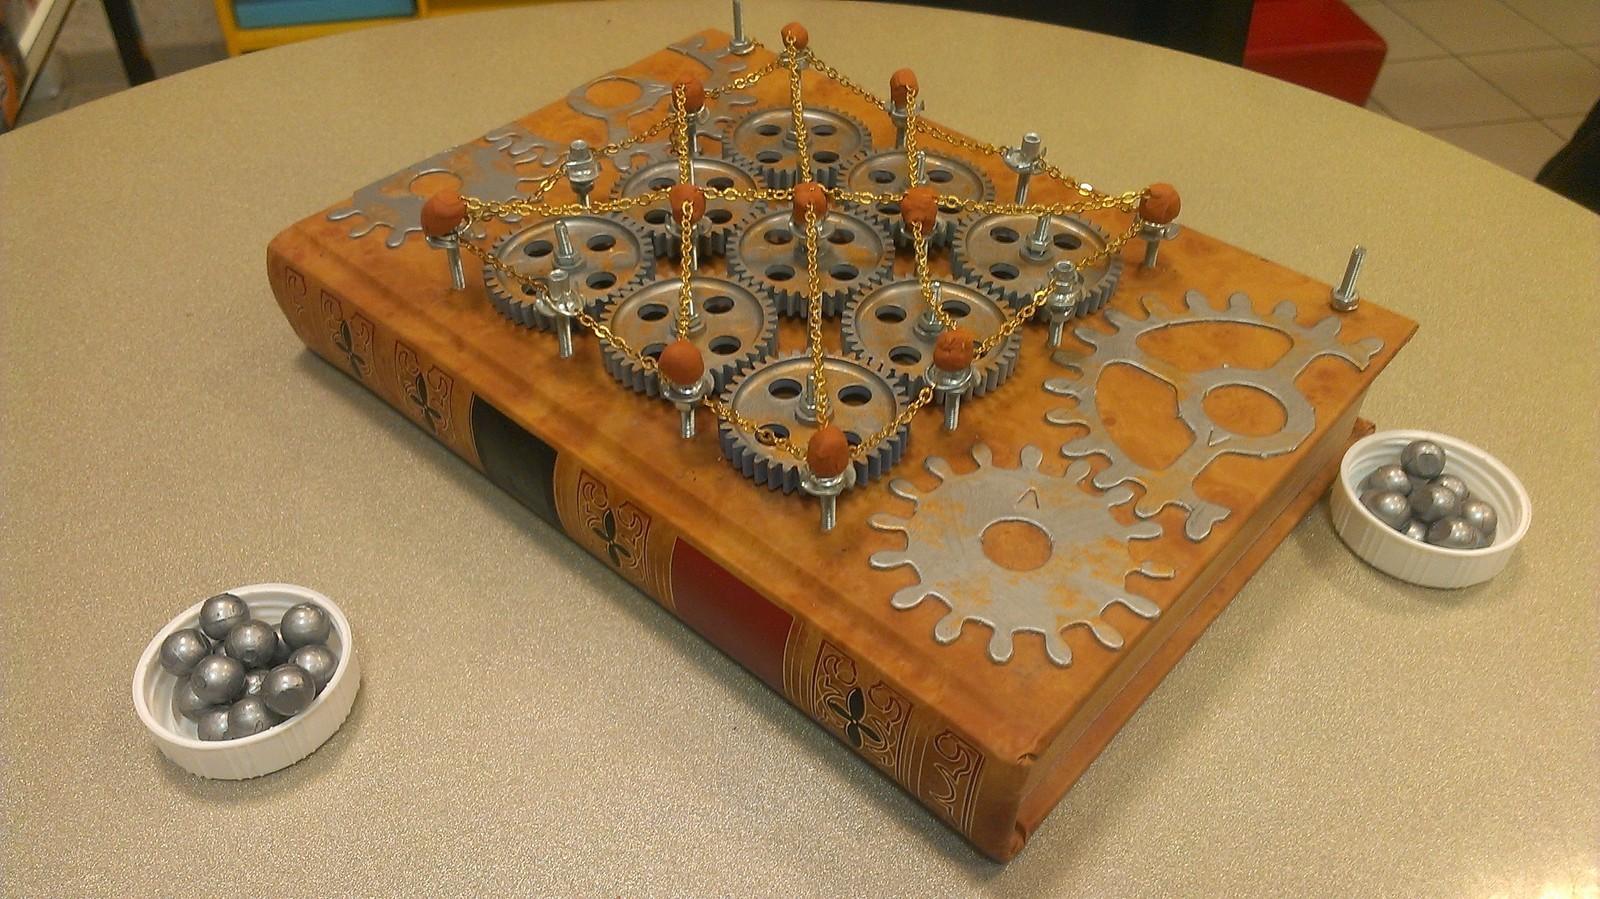 Chaînes & Engrenages, l'un des prototypes de Léandre